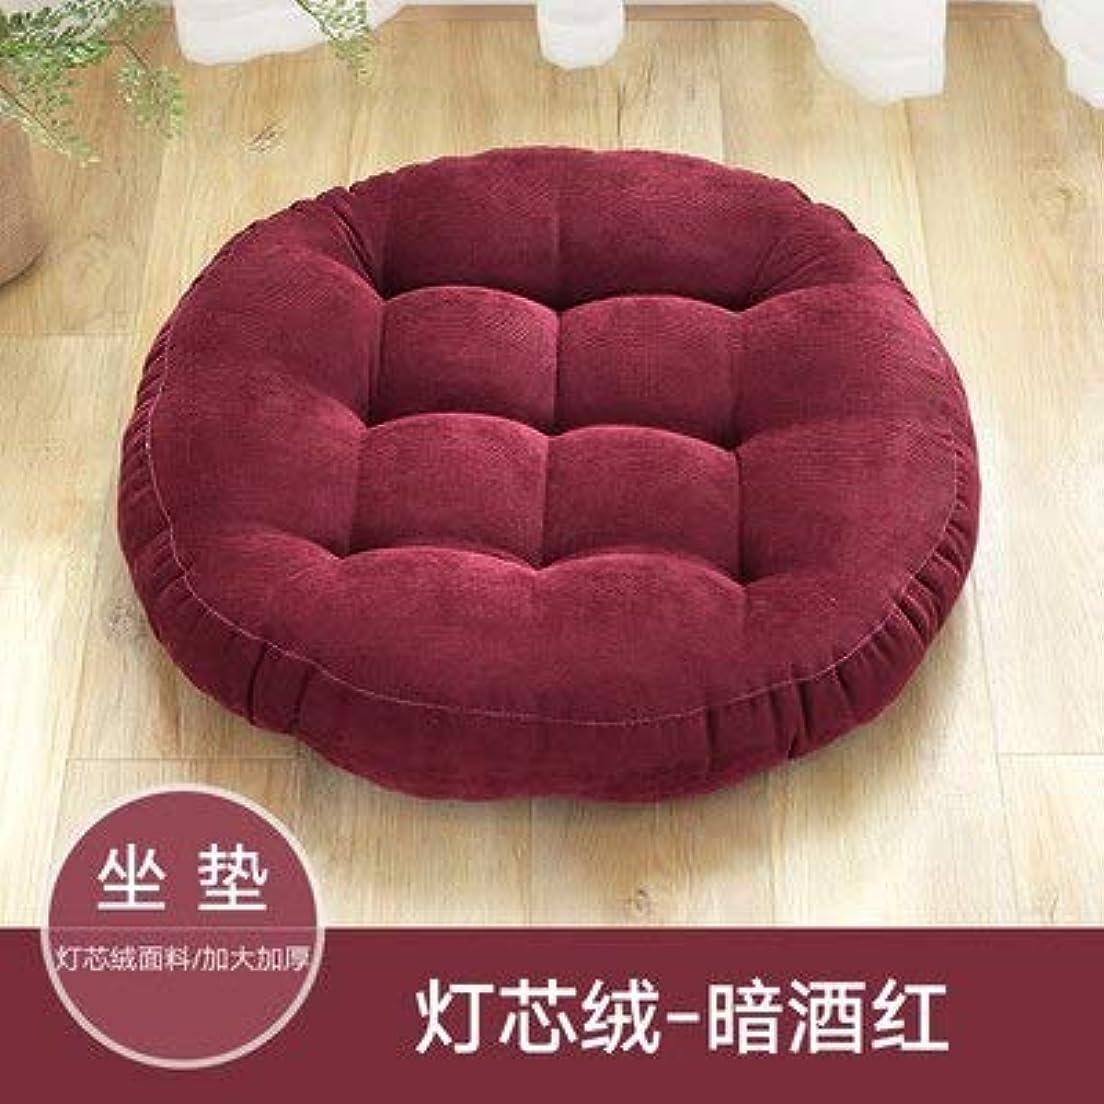 話すコントラスト拘束LIFE ラウンド厚い椅子のクッションフロアマットレスシートパッドソフトホームオフィスチェアクッションマットソフトスロー枕最高品質の床クッション クッション 椅子